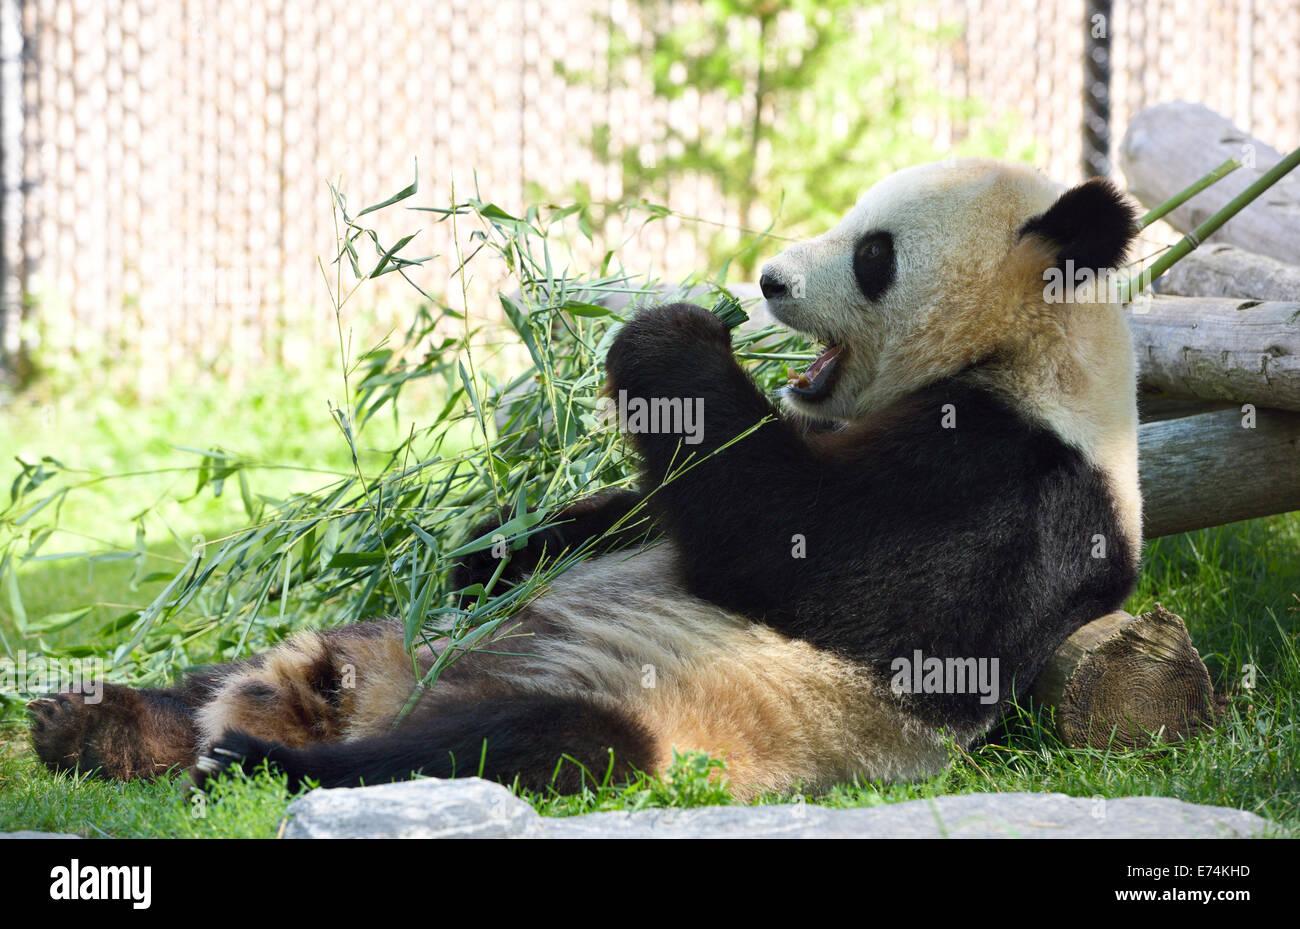 Er Shun Giant Panda eating bamboo at Toronto Zoo - Stock Image